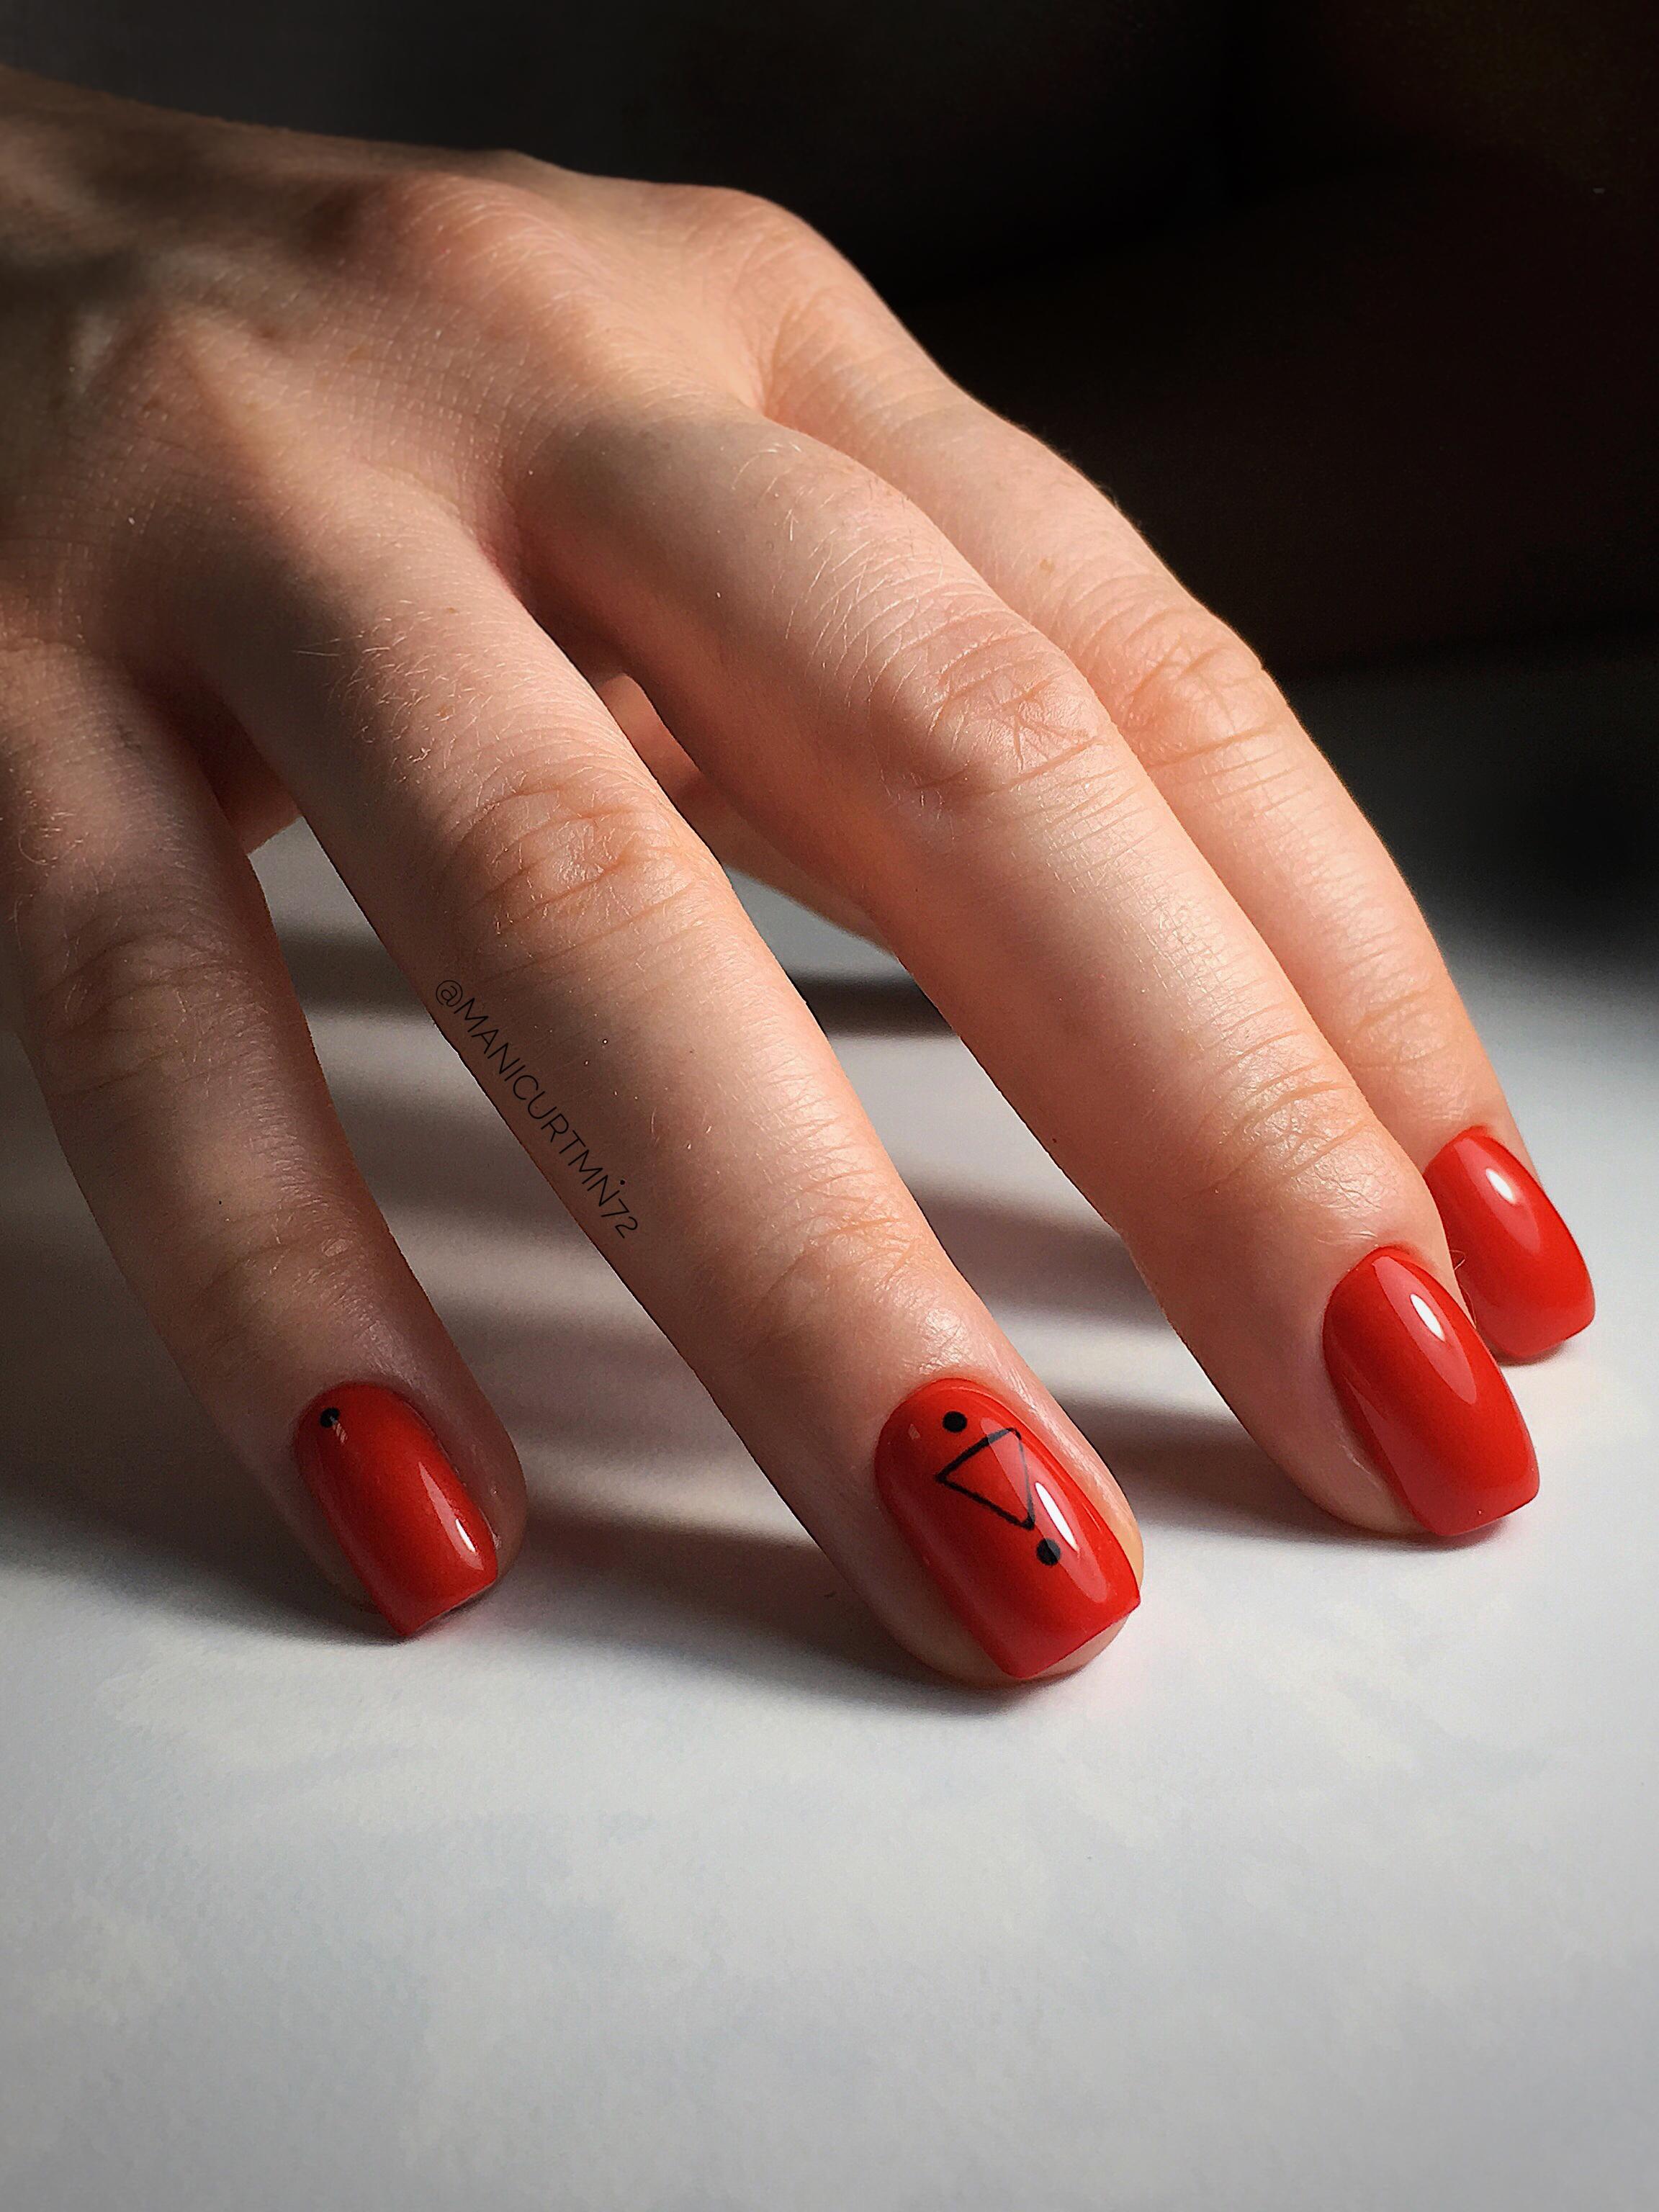 Маникюр с геометрическим рисунком в красном цвете.